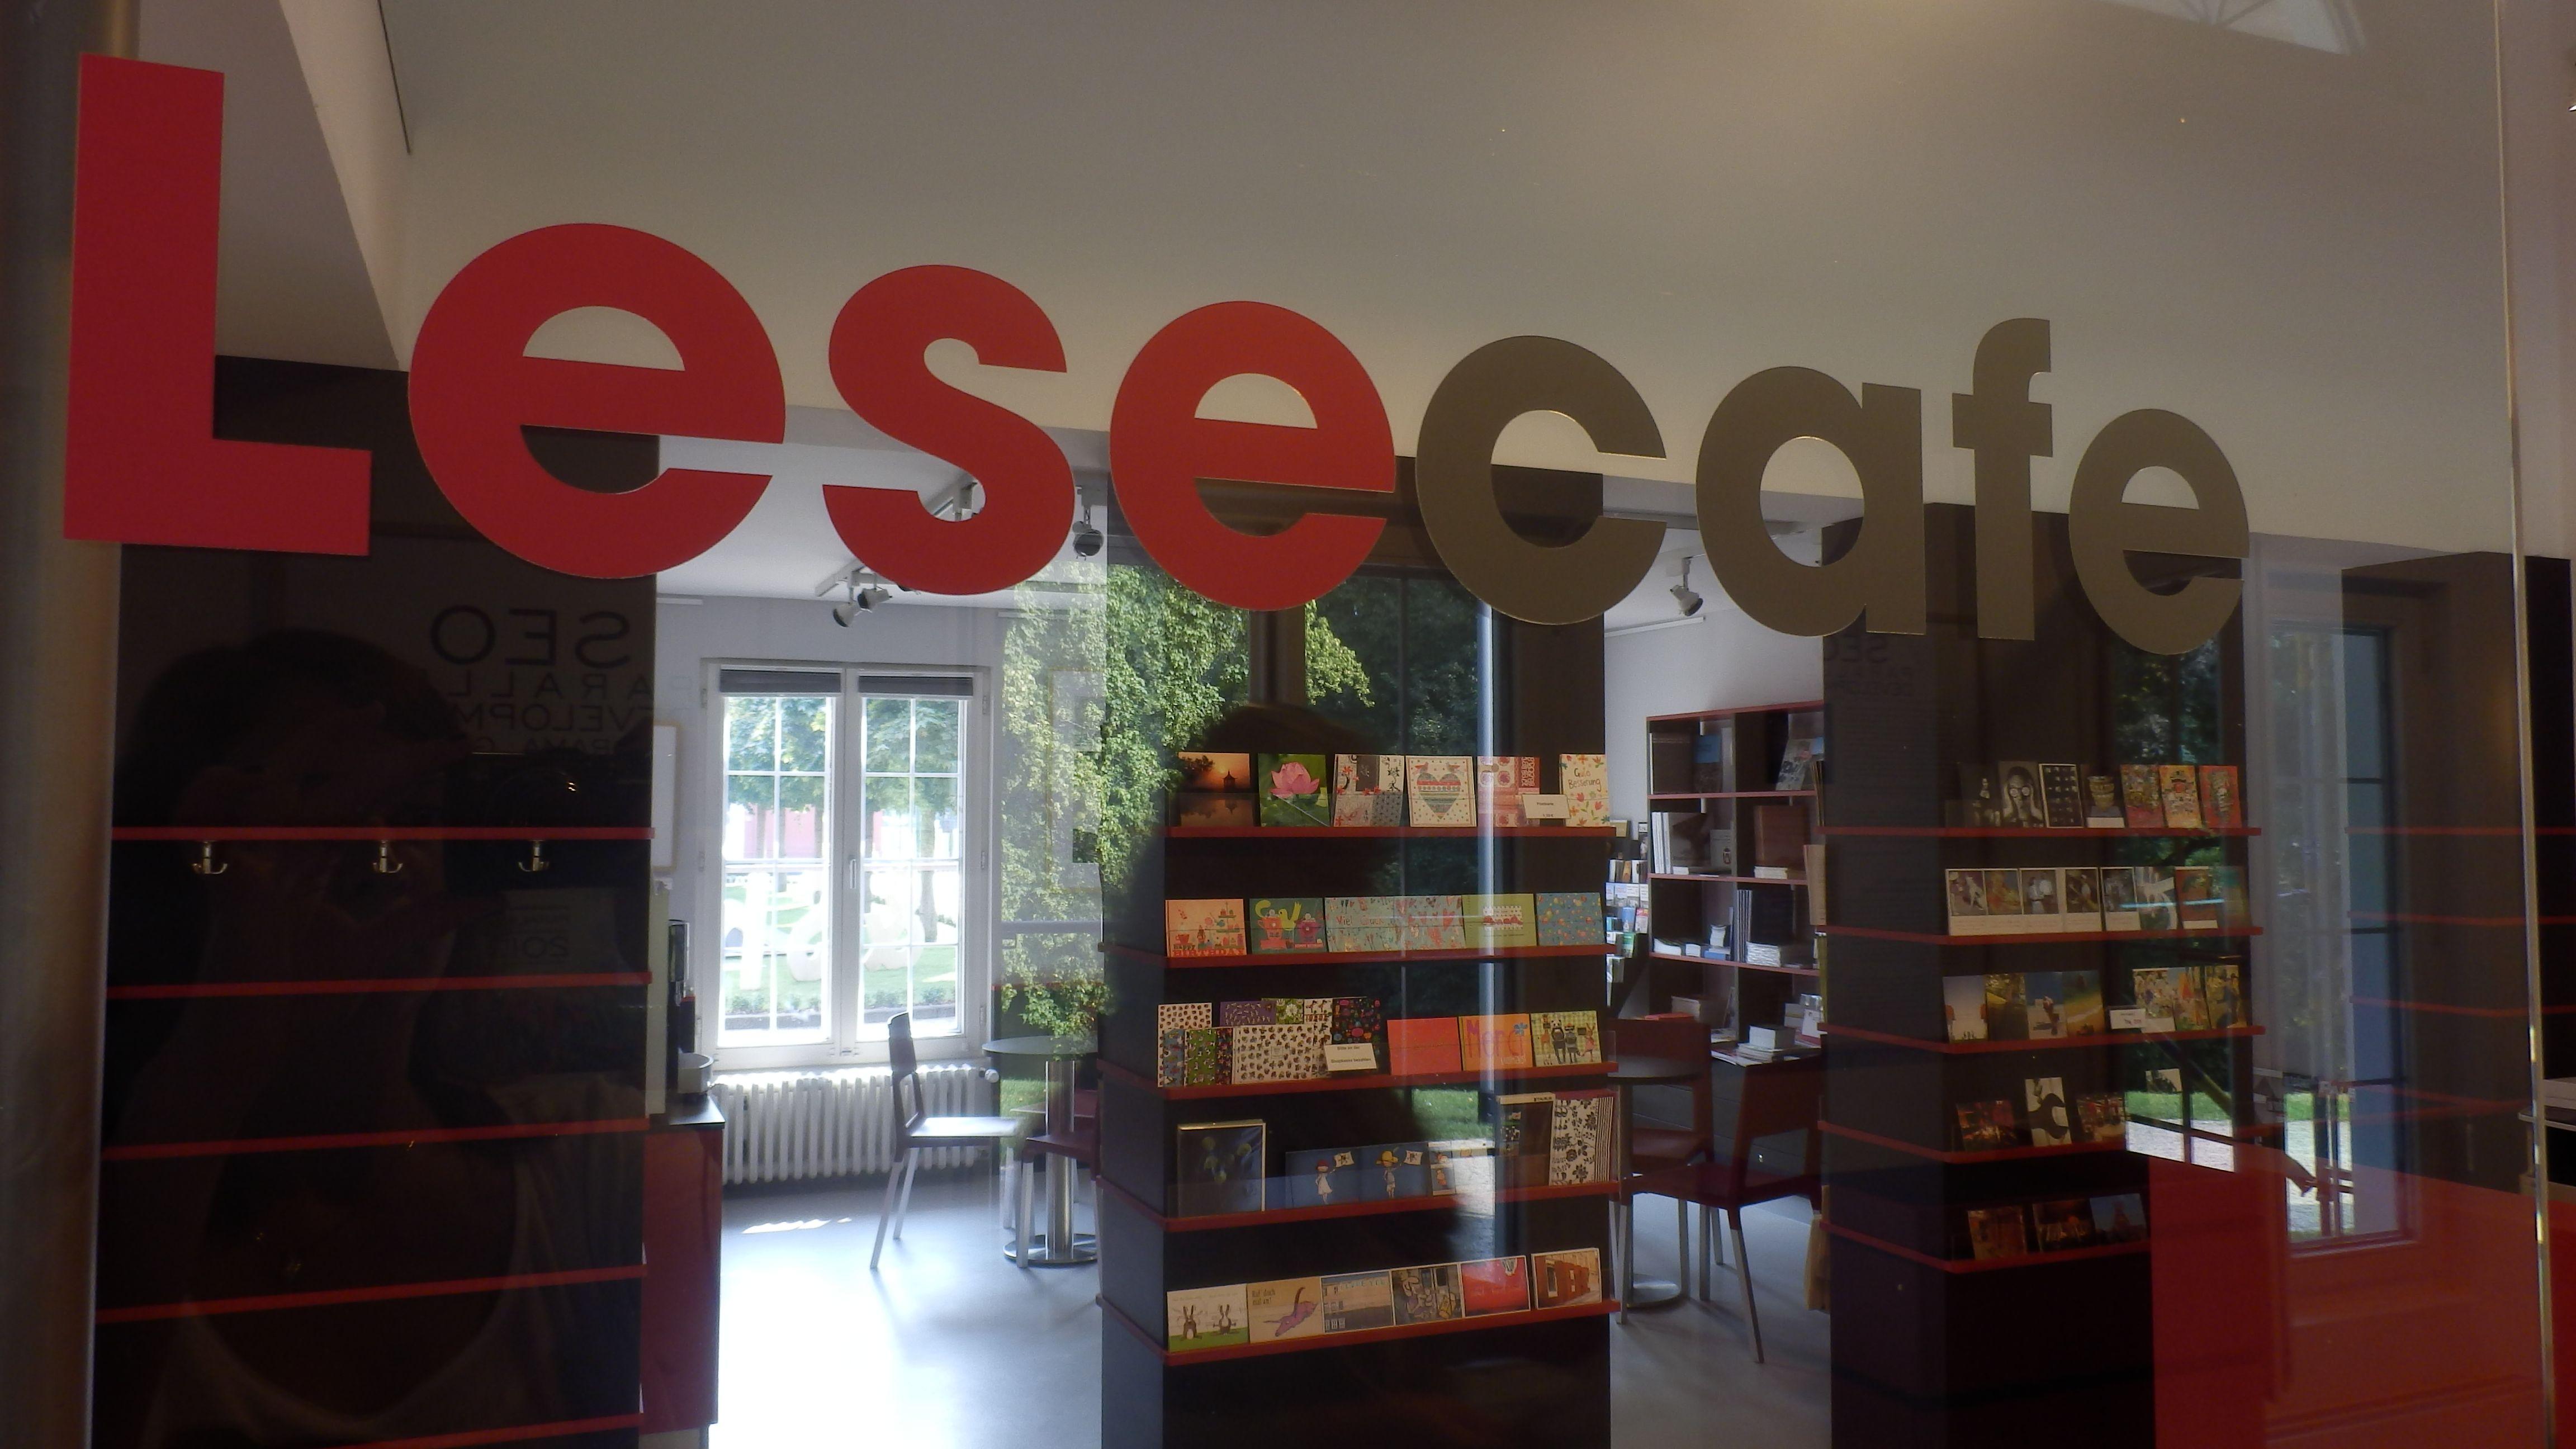 Unser Lese Café lädt bei einem leckeren Latte Macciato zum schmökern ein ...  Foto: LUDWIGGALERIE